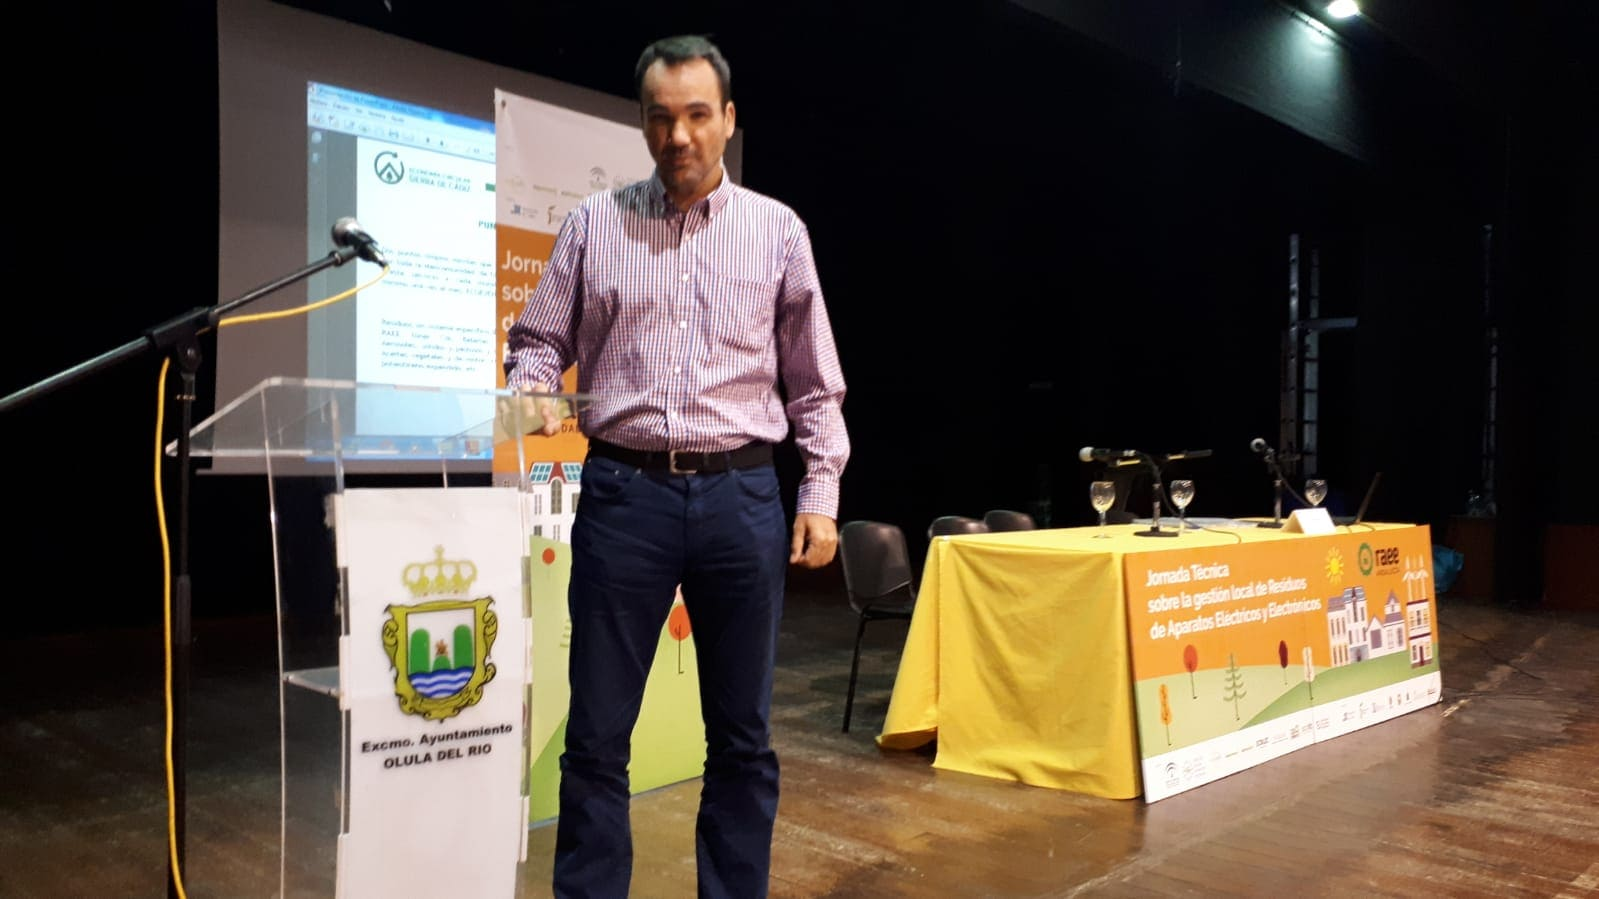 José Domingo Rojas en Jornadas Técnicas RAEE Olula del Río (Almería)